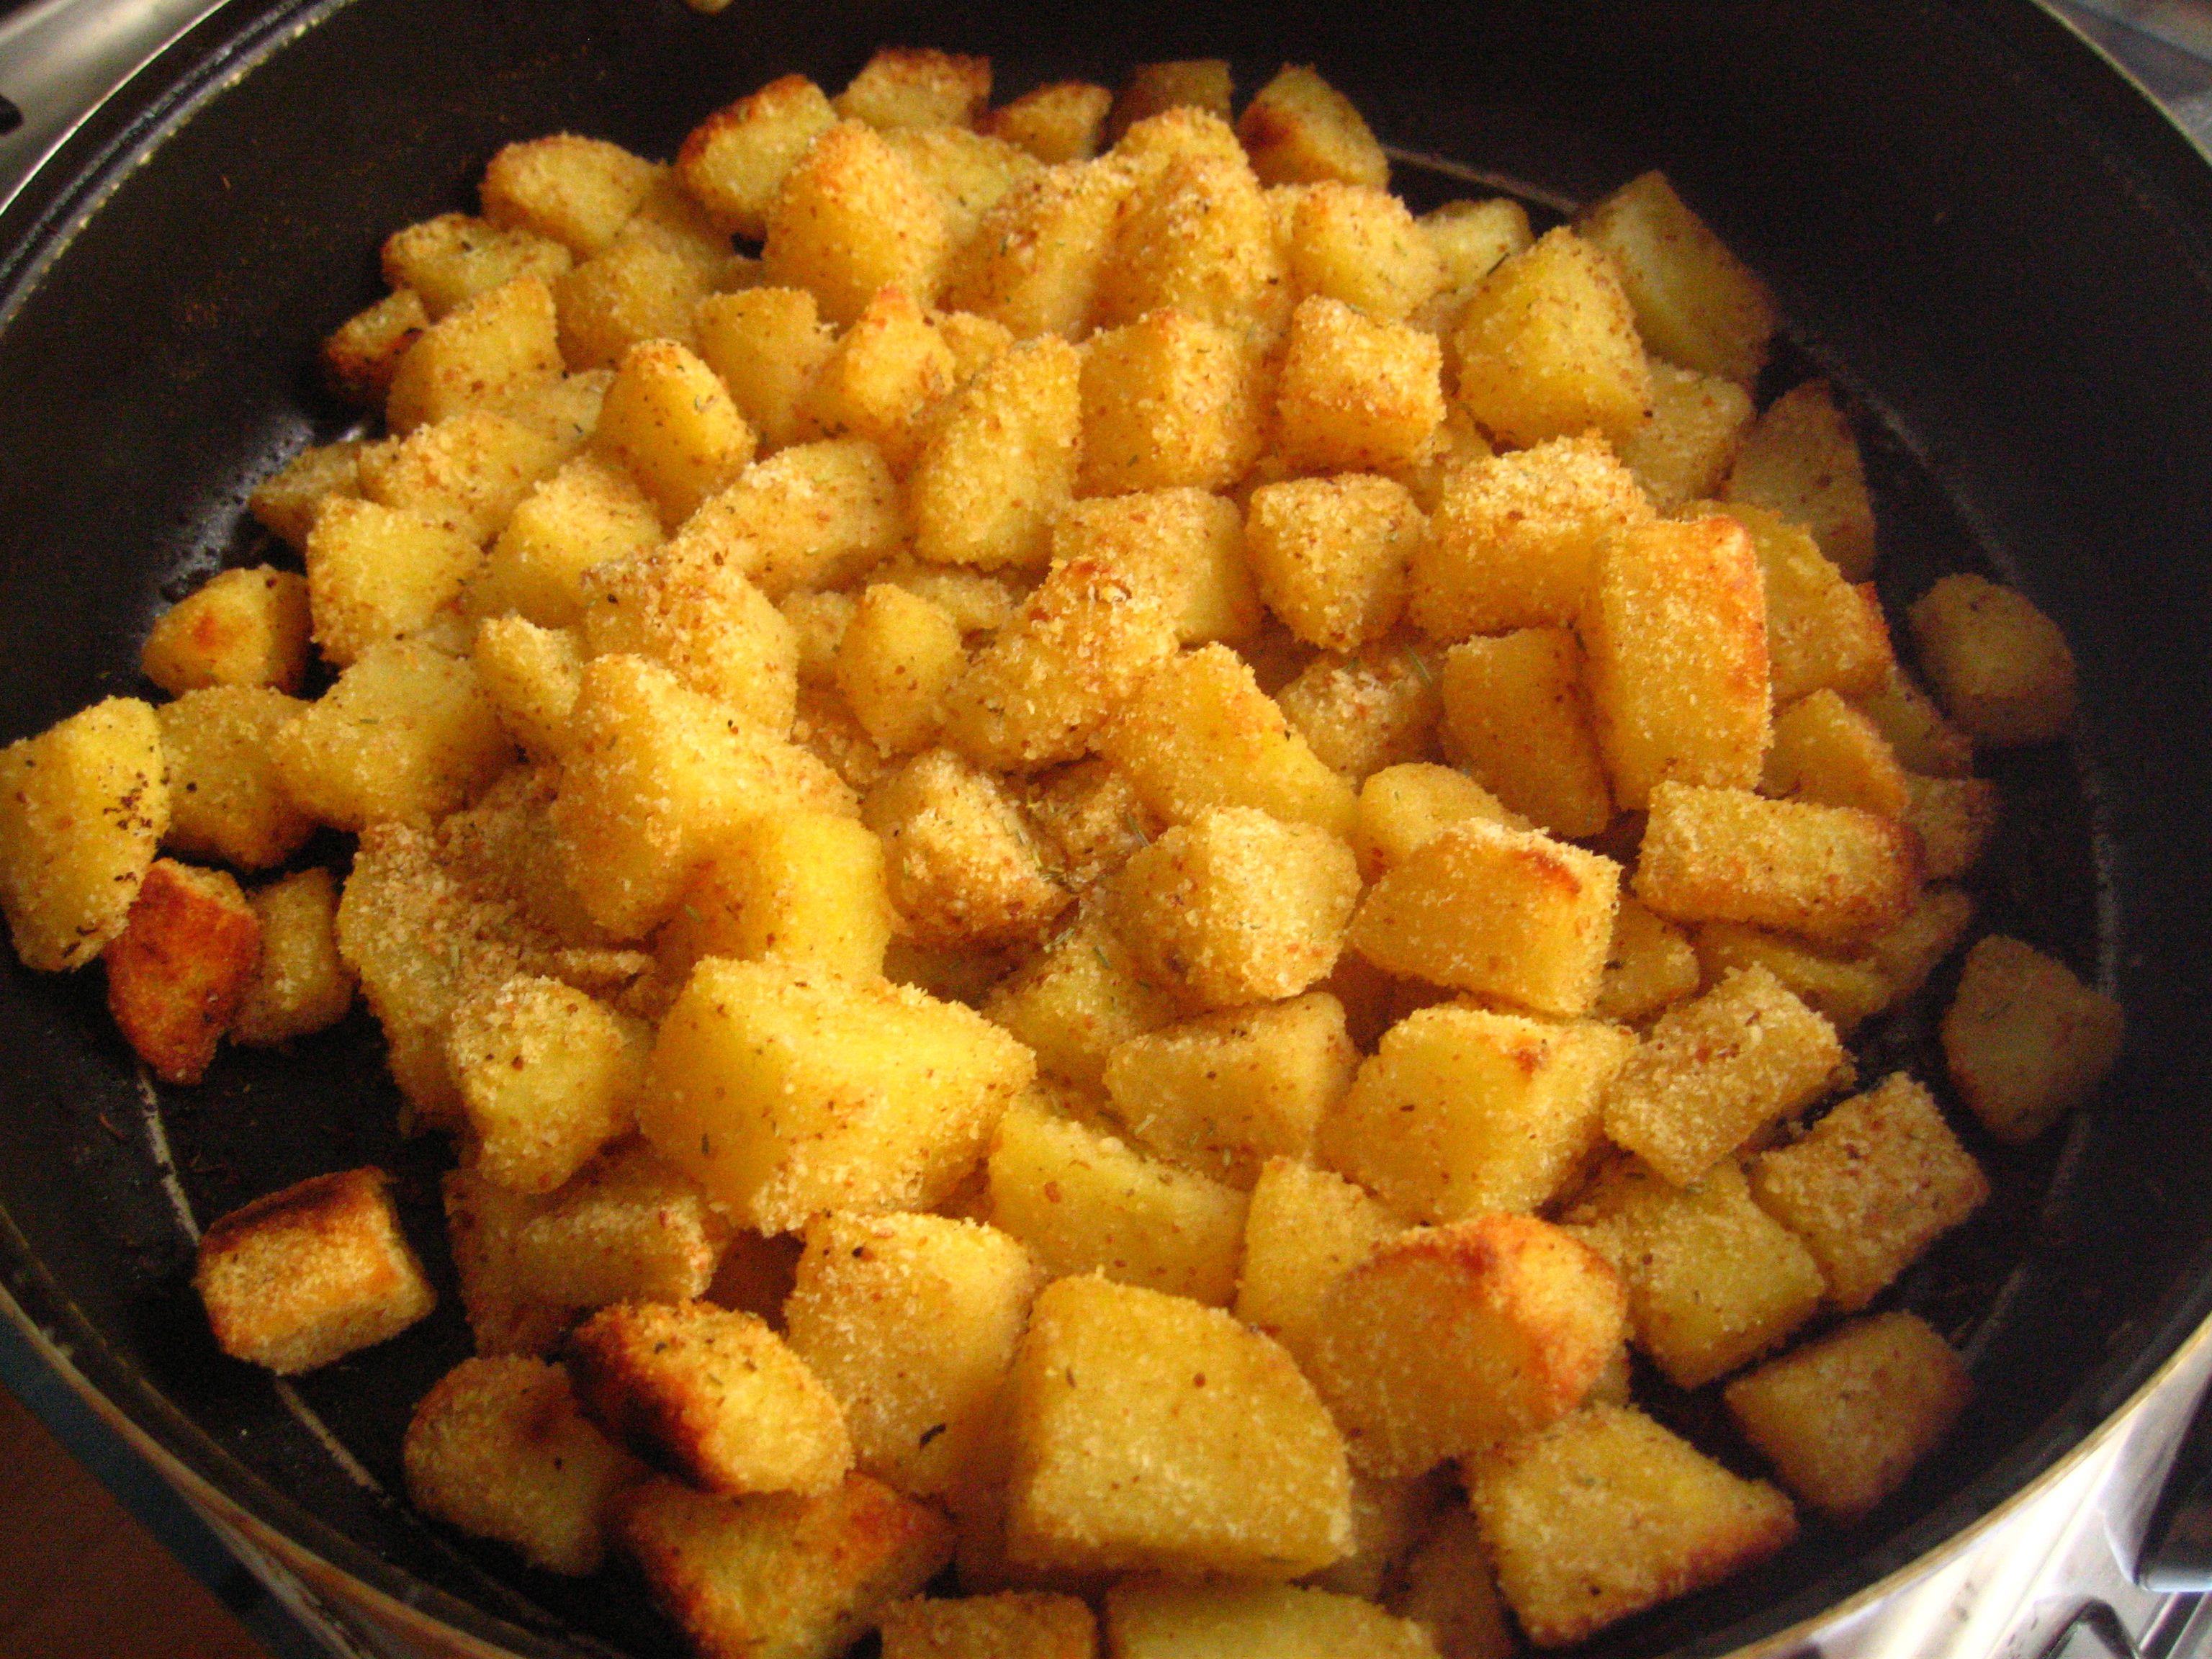 Ricetta biscotti torta contorno con patate - Cucinare patate americane ...